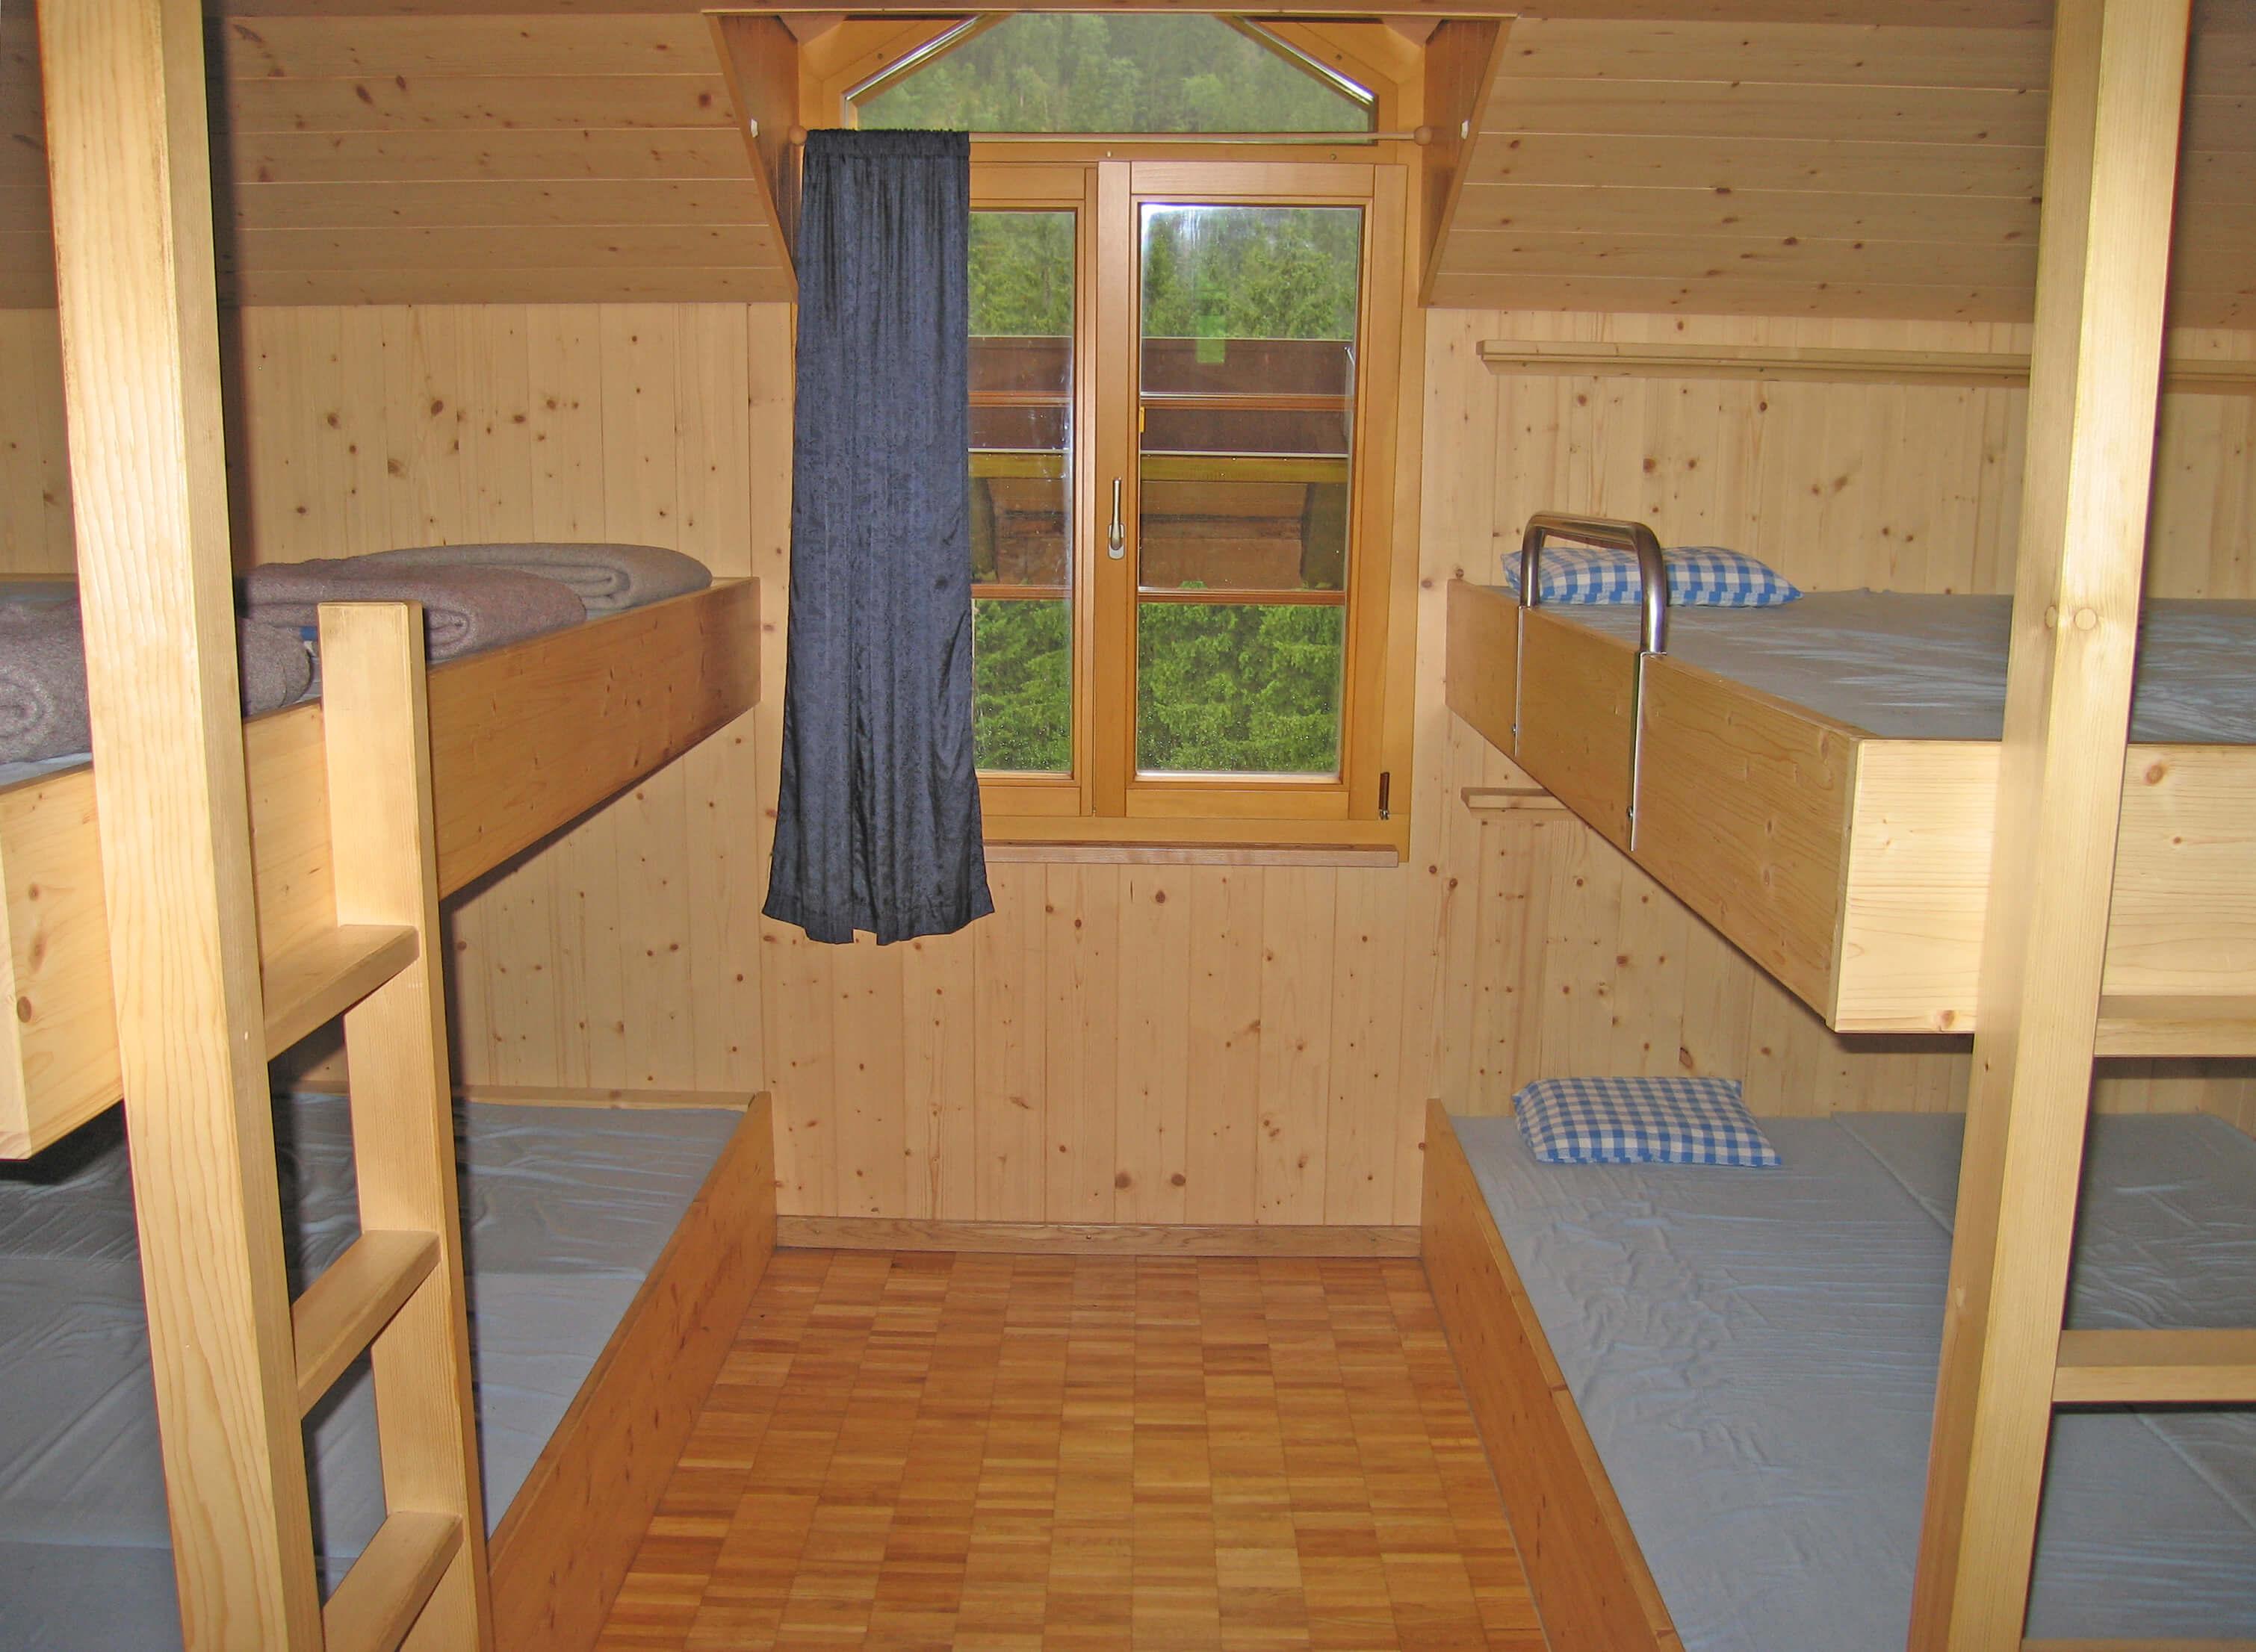 Schlafraum Etagebetten Staldenmaadhütte